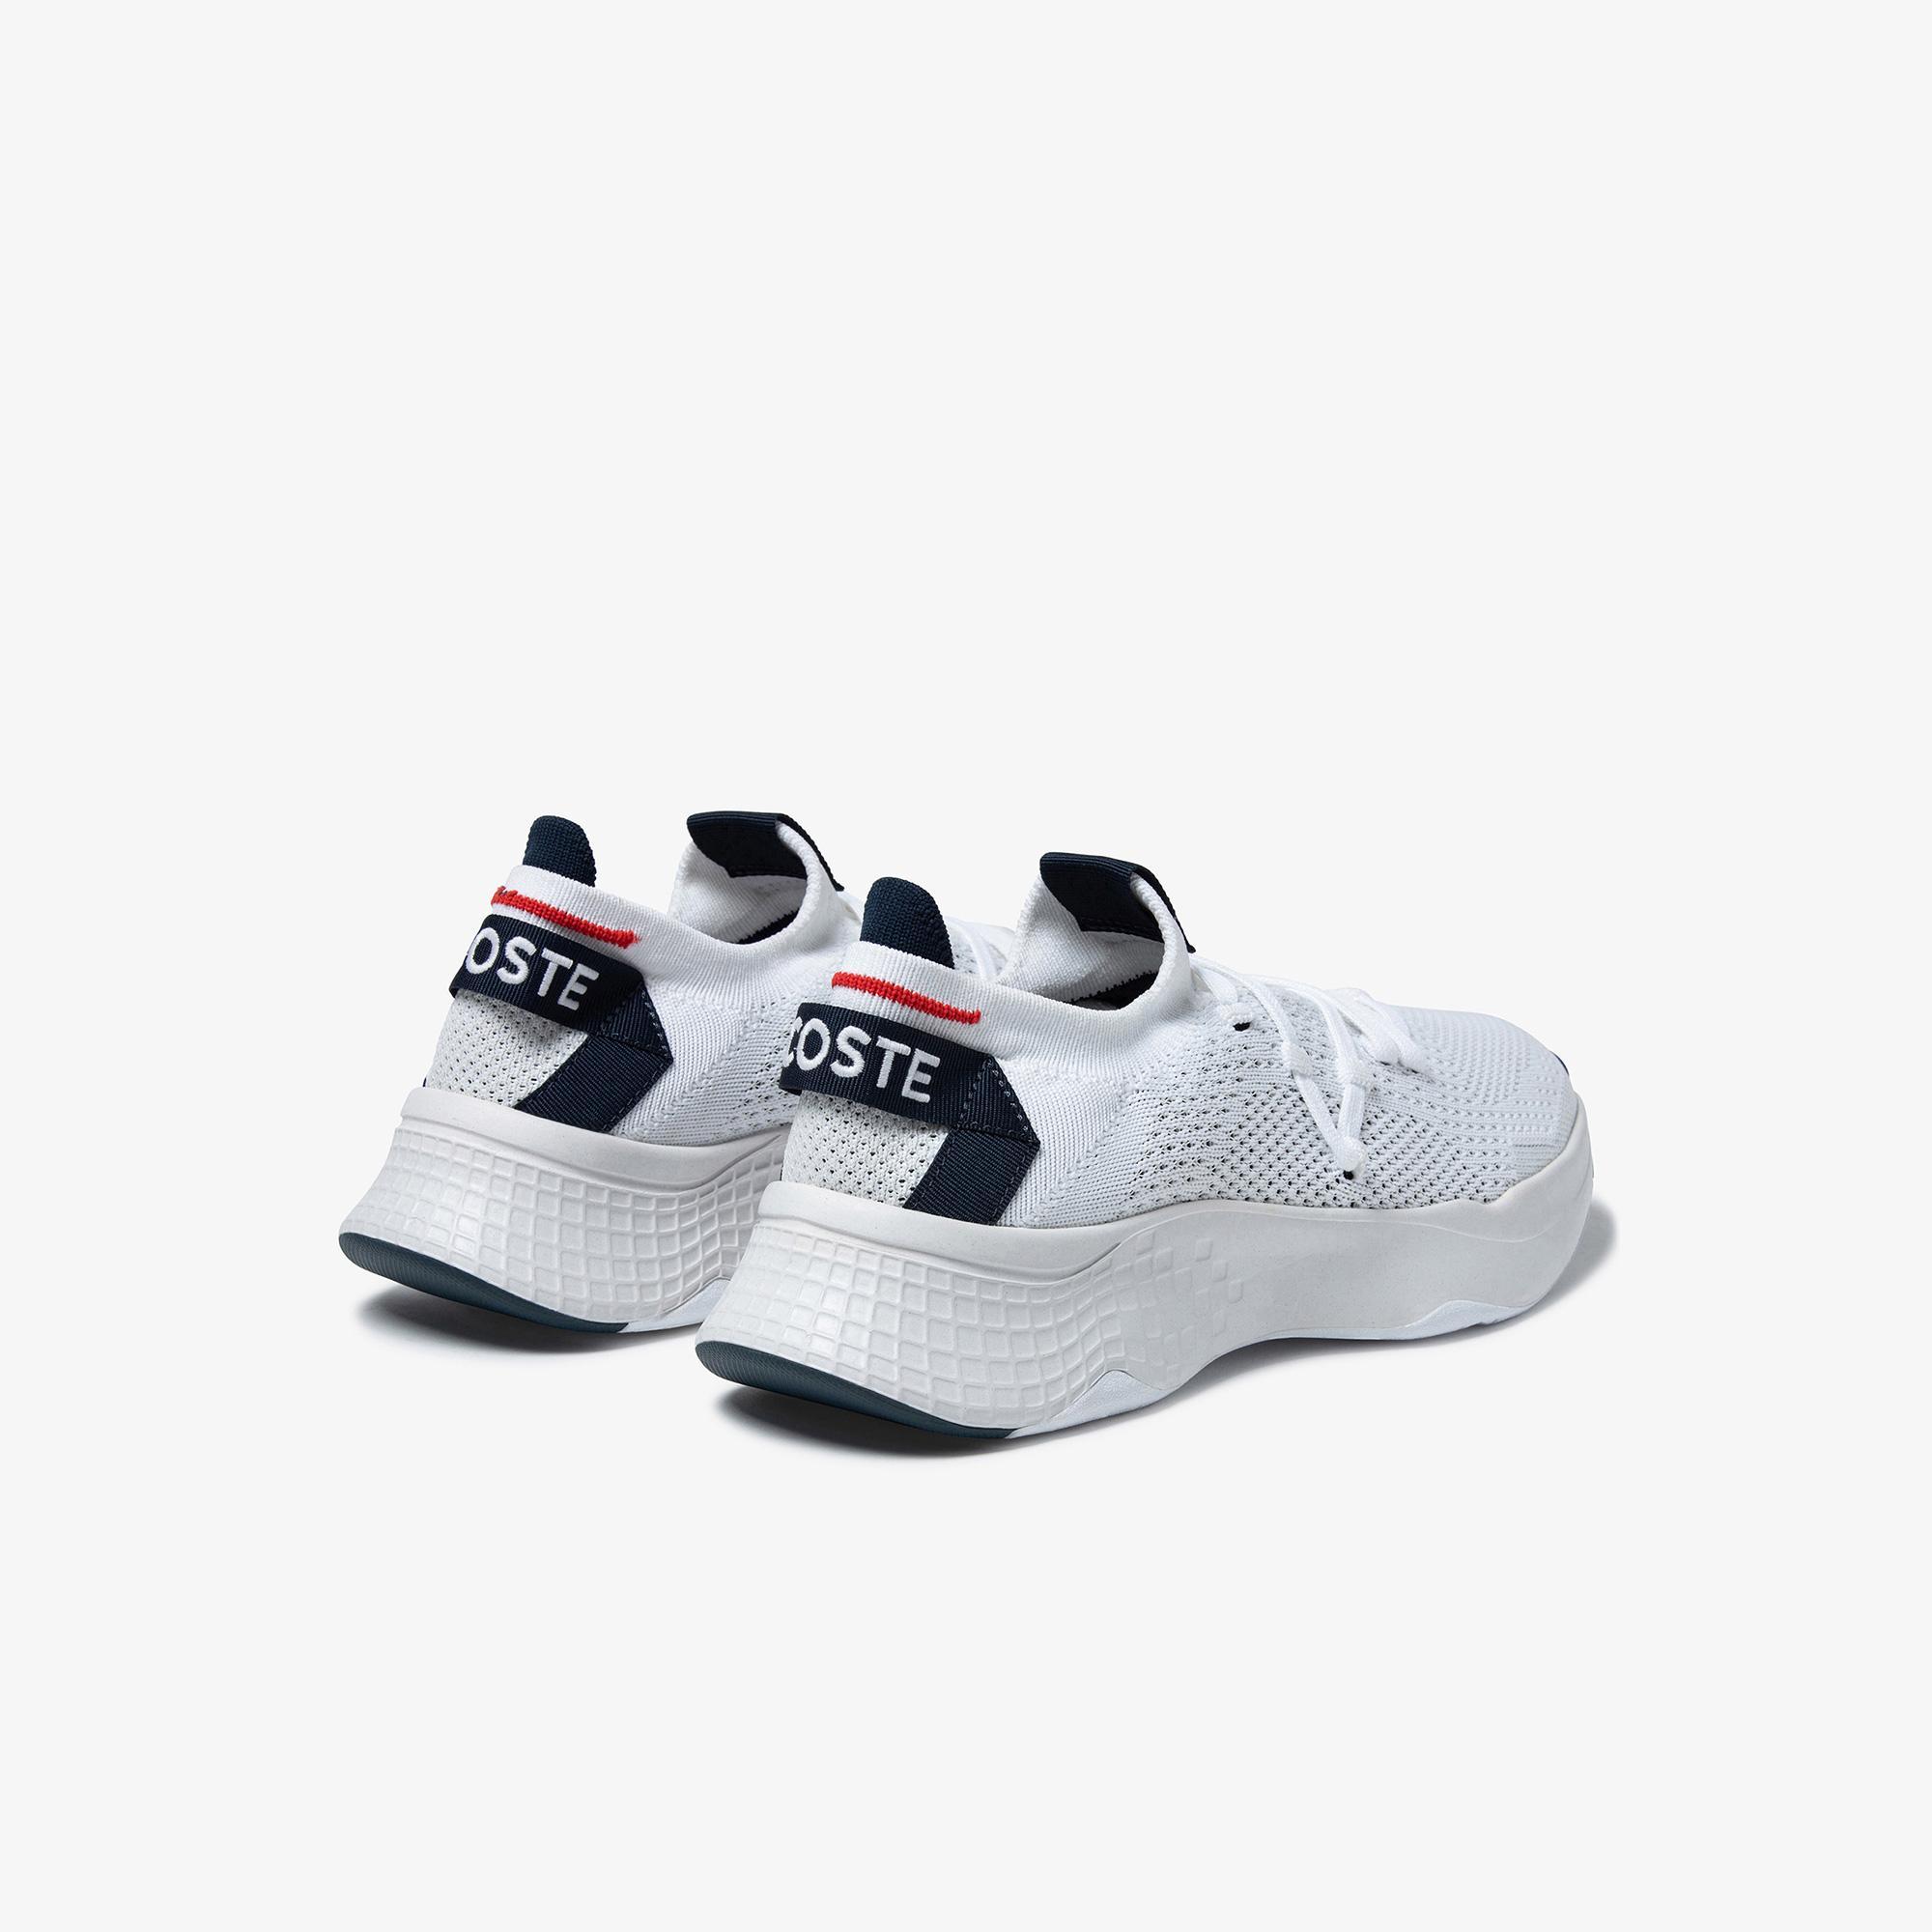 Lacoste Court-Drive Knit 0121 2 Sma Erkek Renkli Sneaker